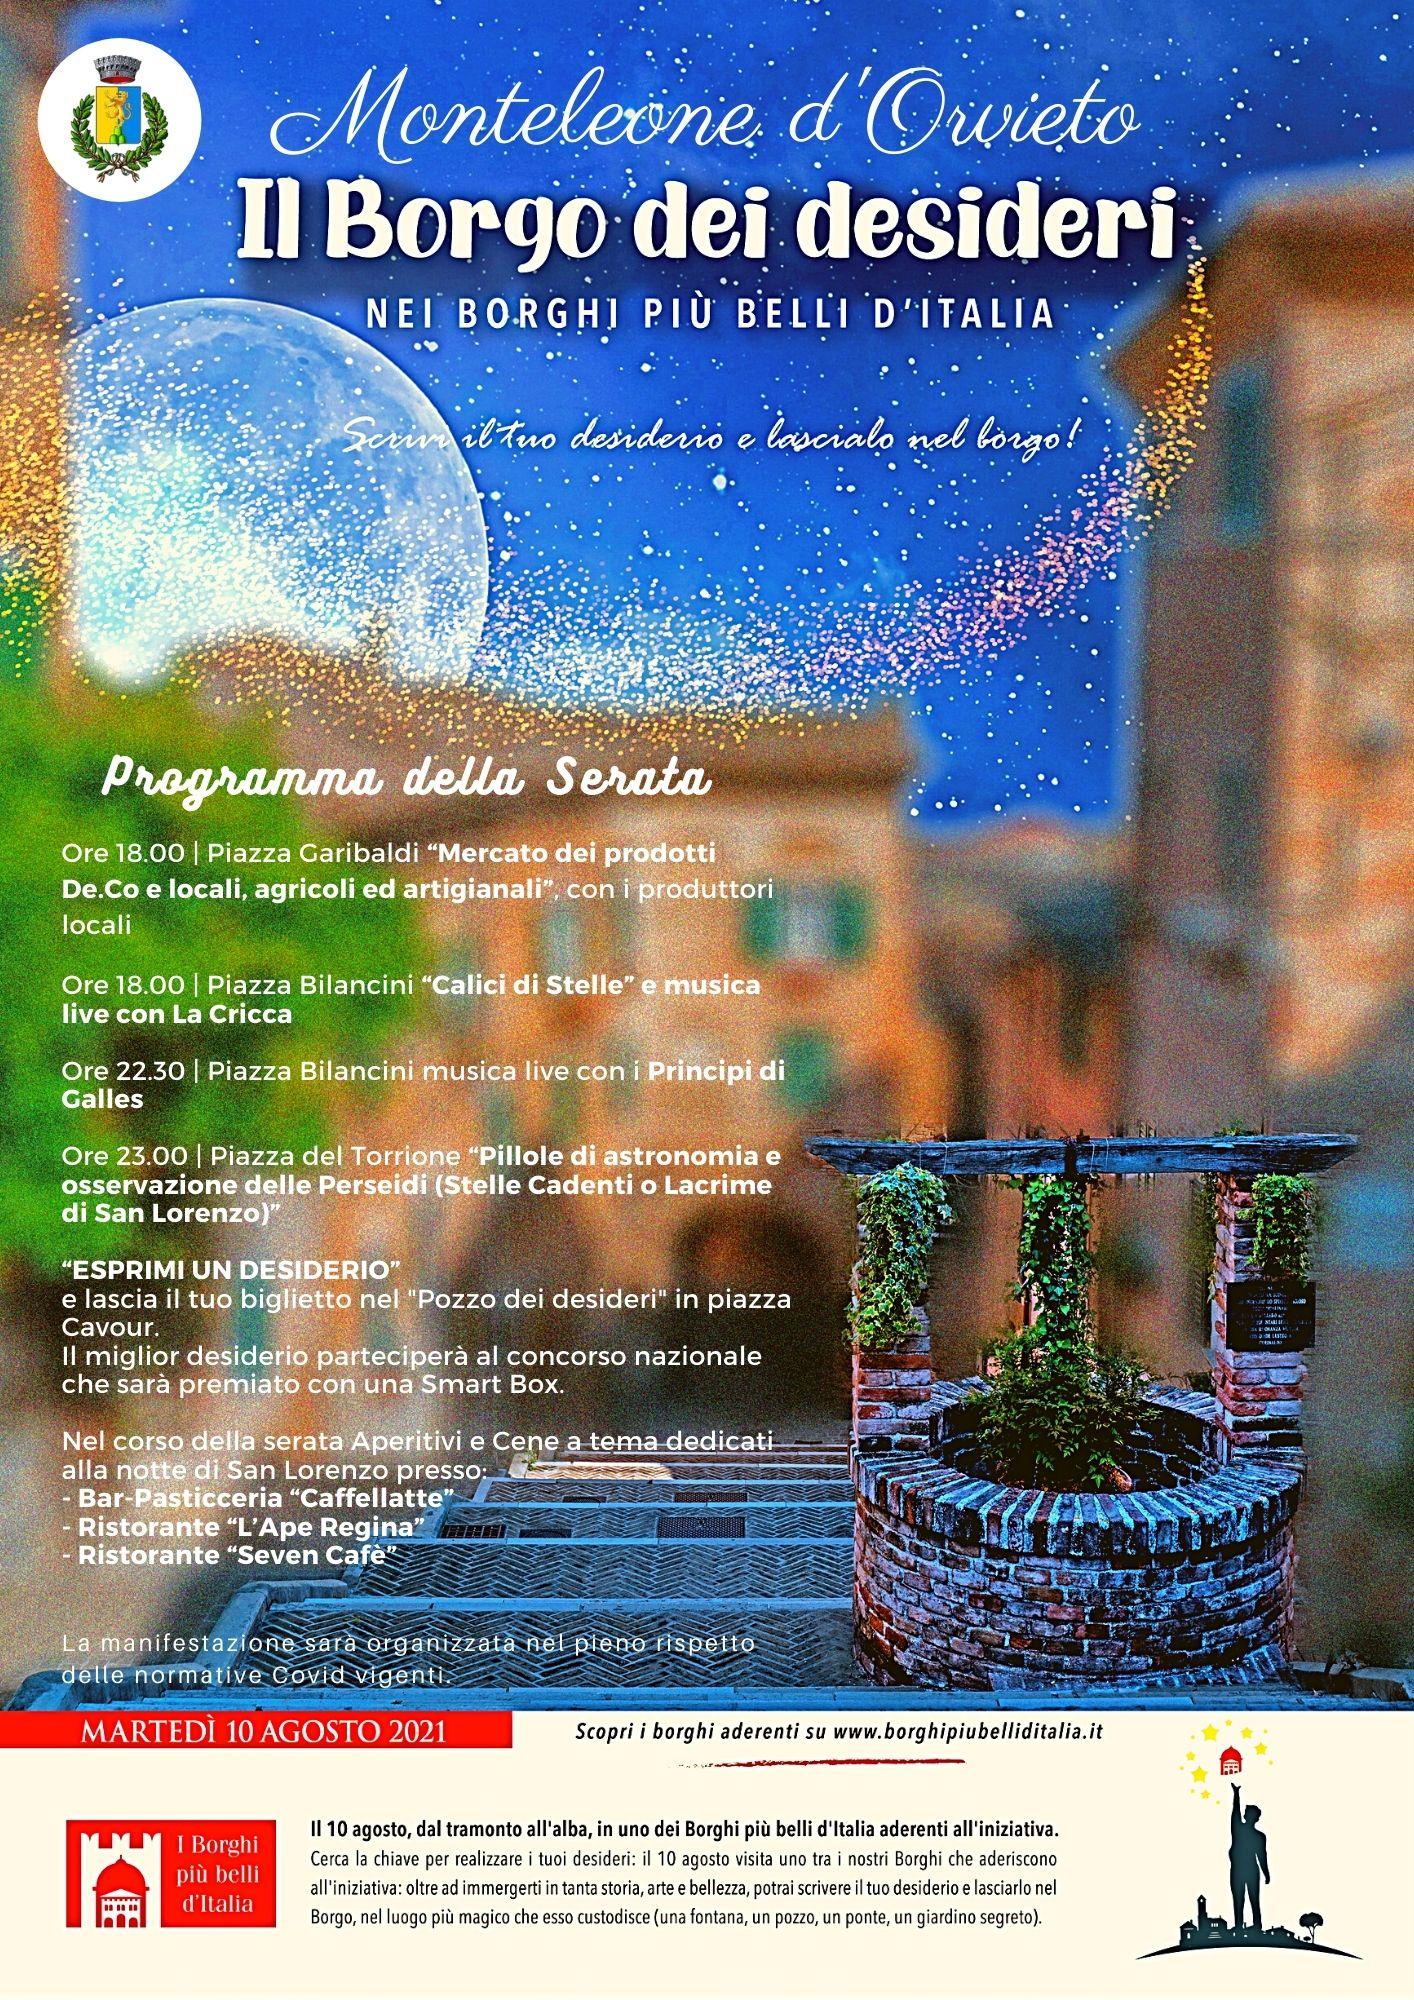 Monteleone d'Orvieto - Borgo dei Desideri 2021